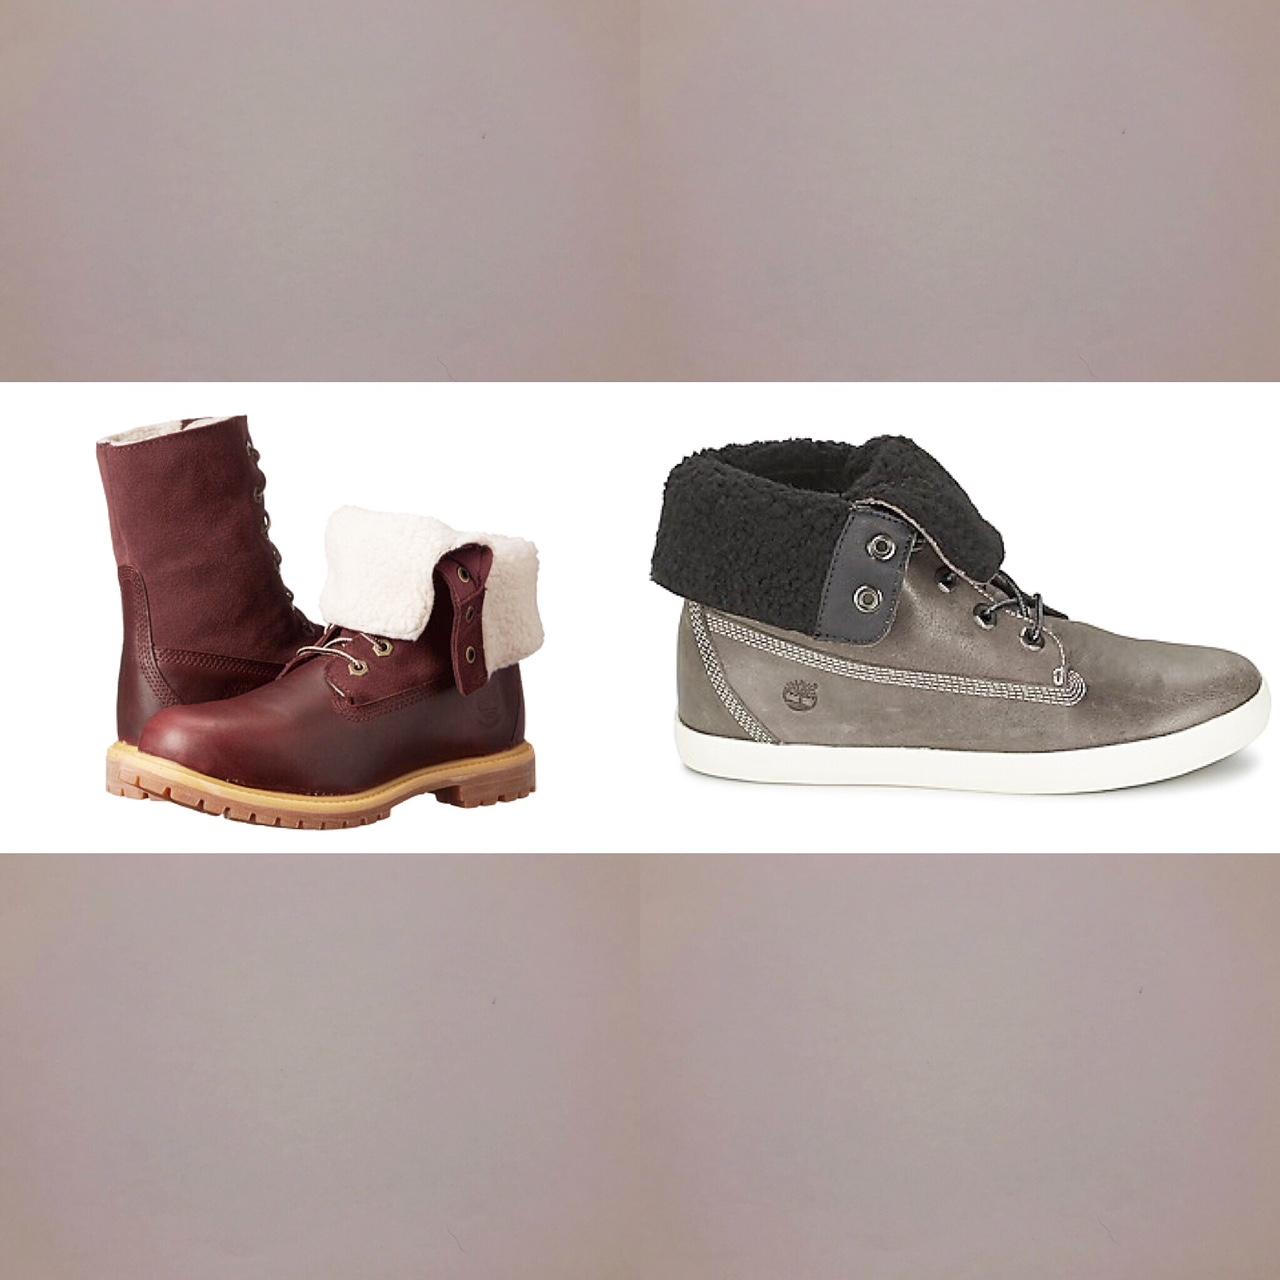 Gli scarponcini impermeabili Timberland: la mia recensione